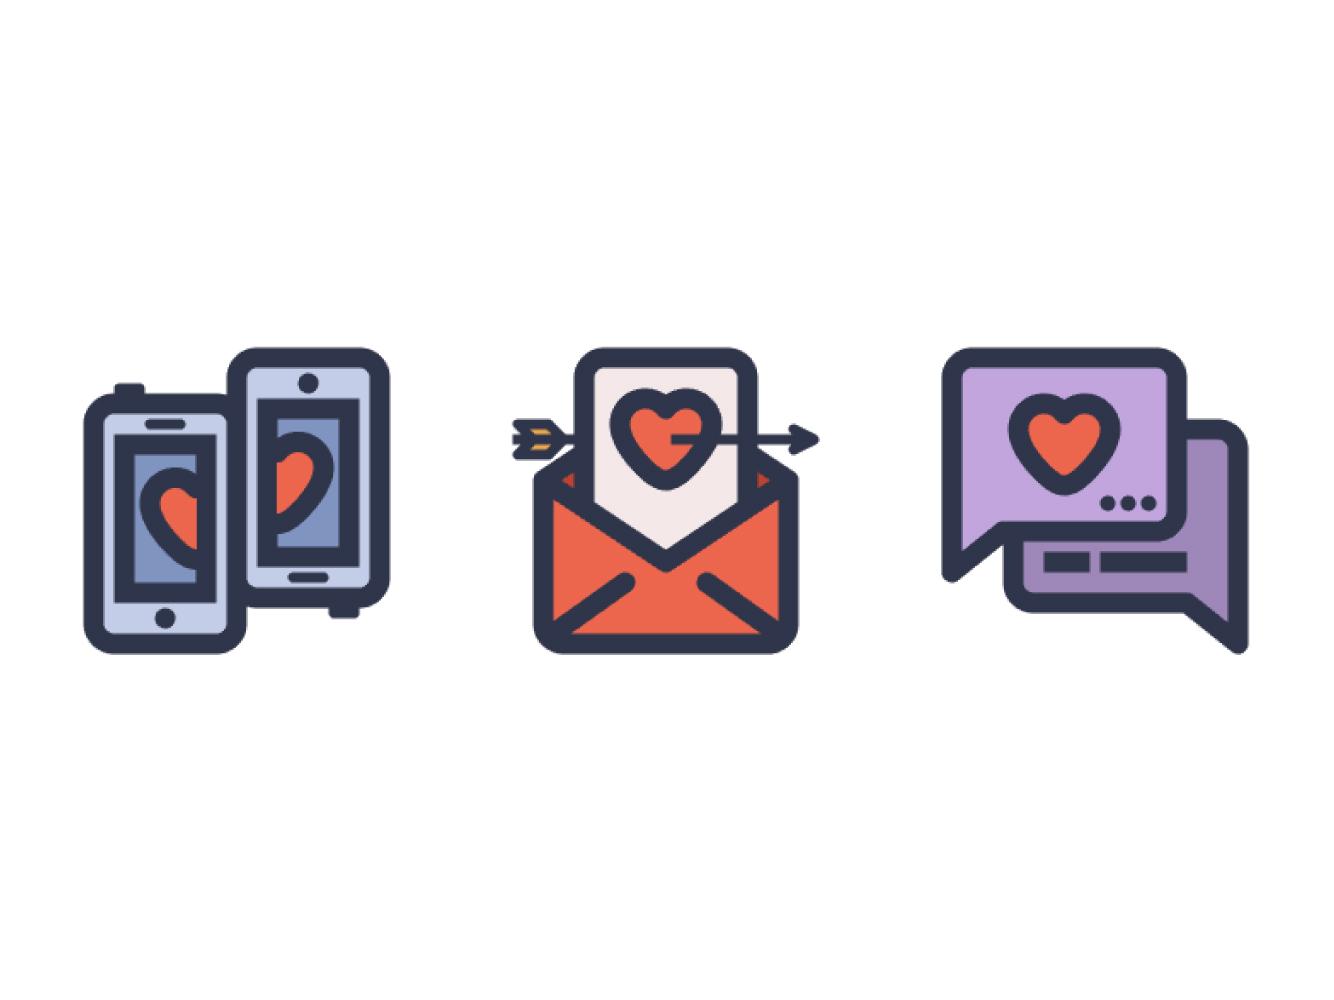 如何在Adobe Illustrator中创建爱情主题图标包